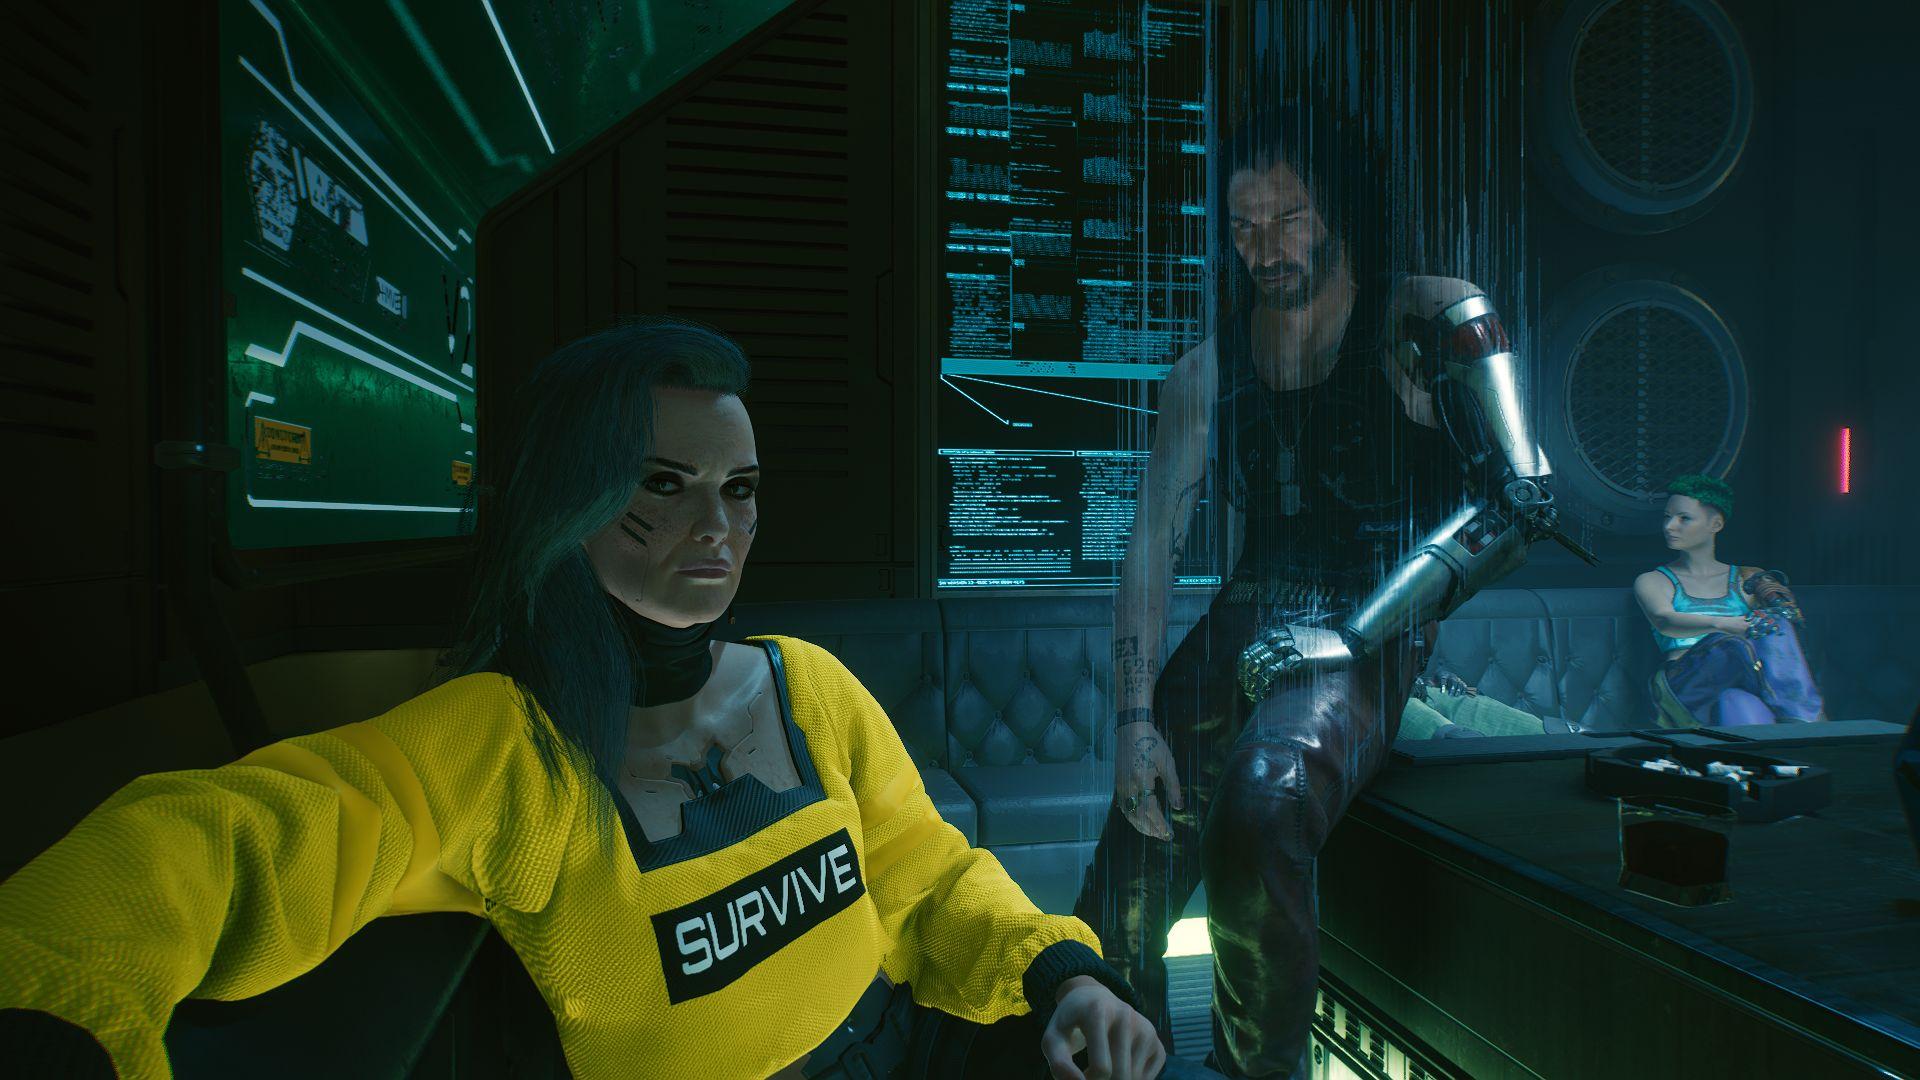 000279.Jpg - Cyberpunk 2077